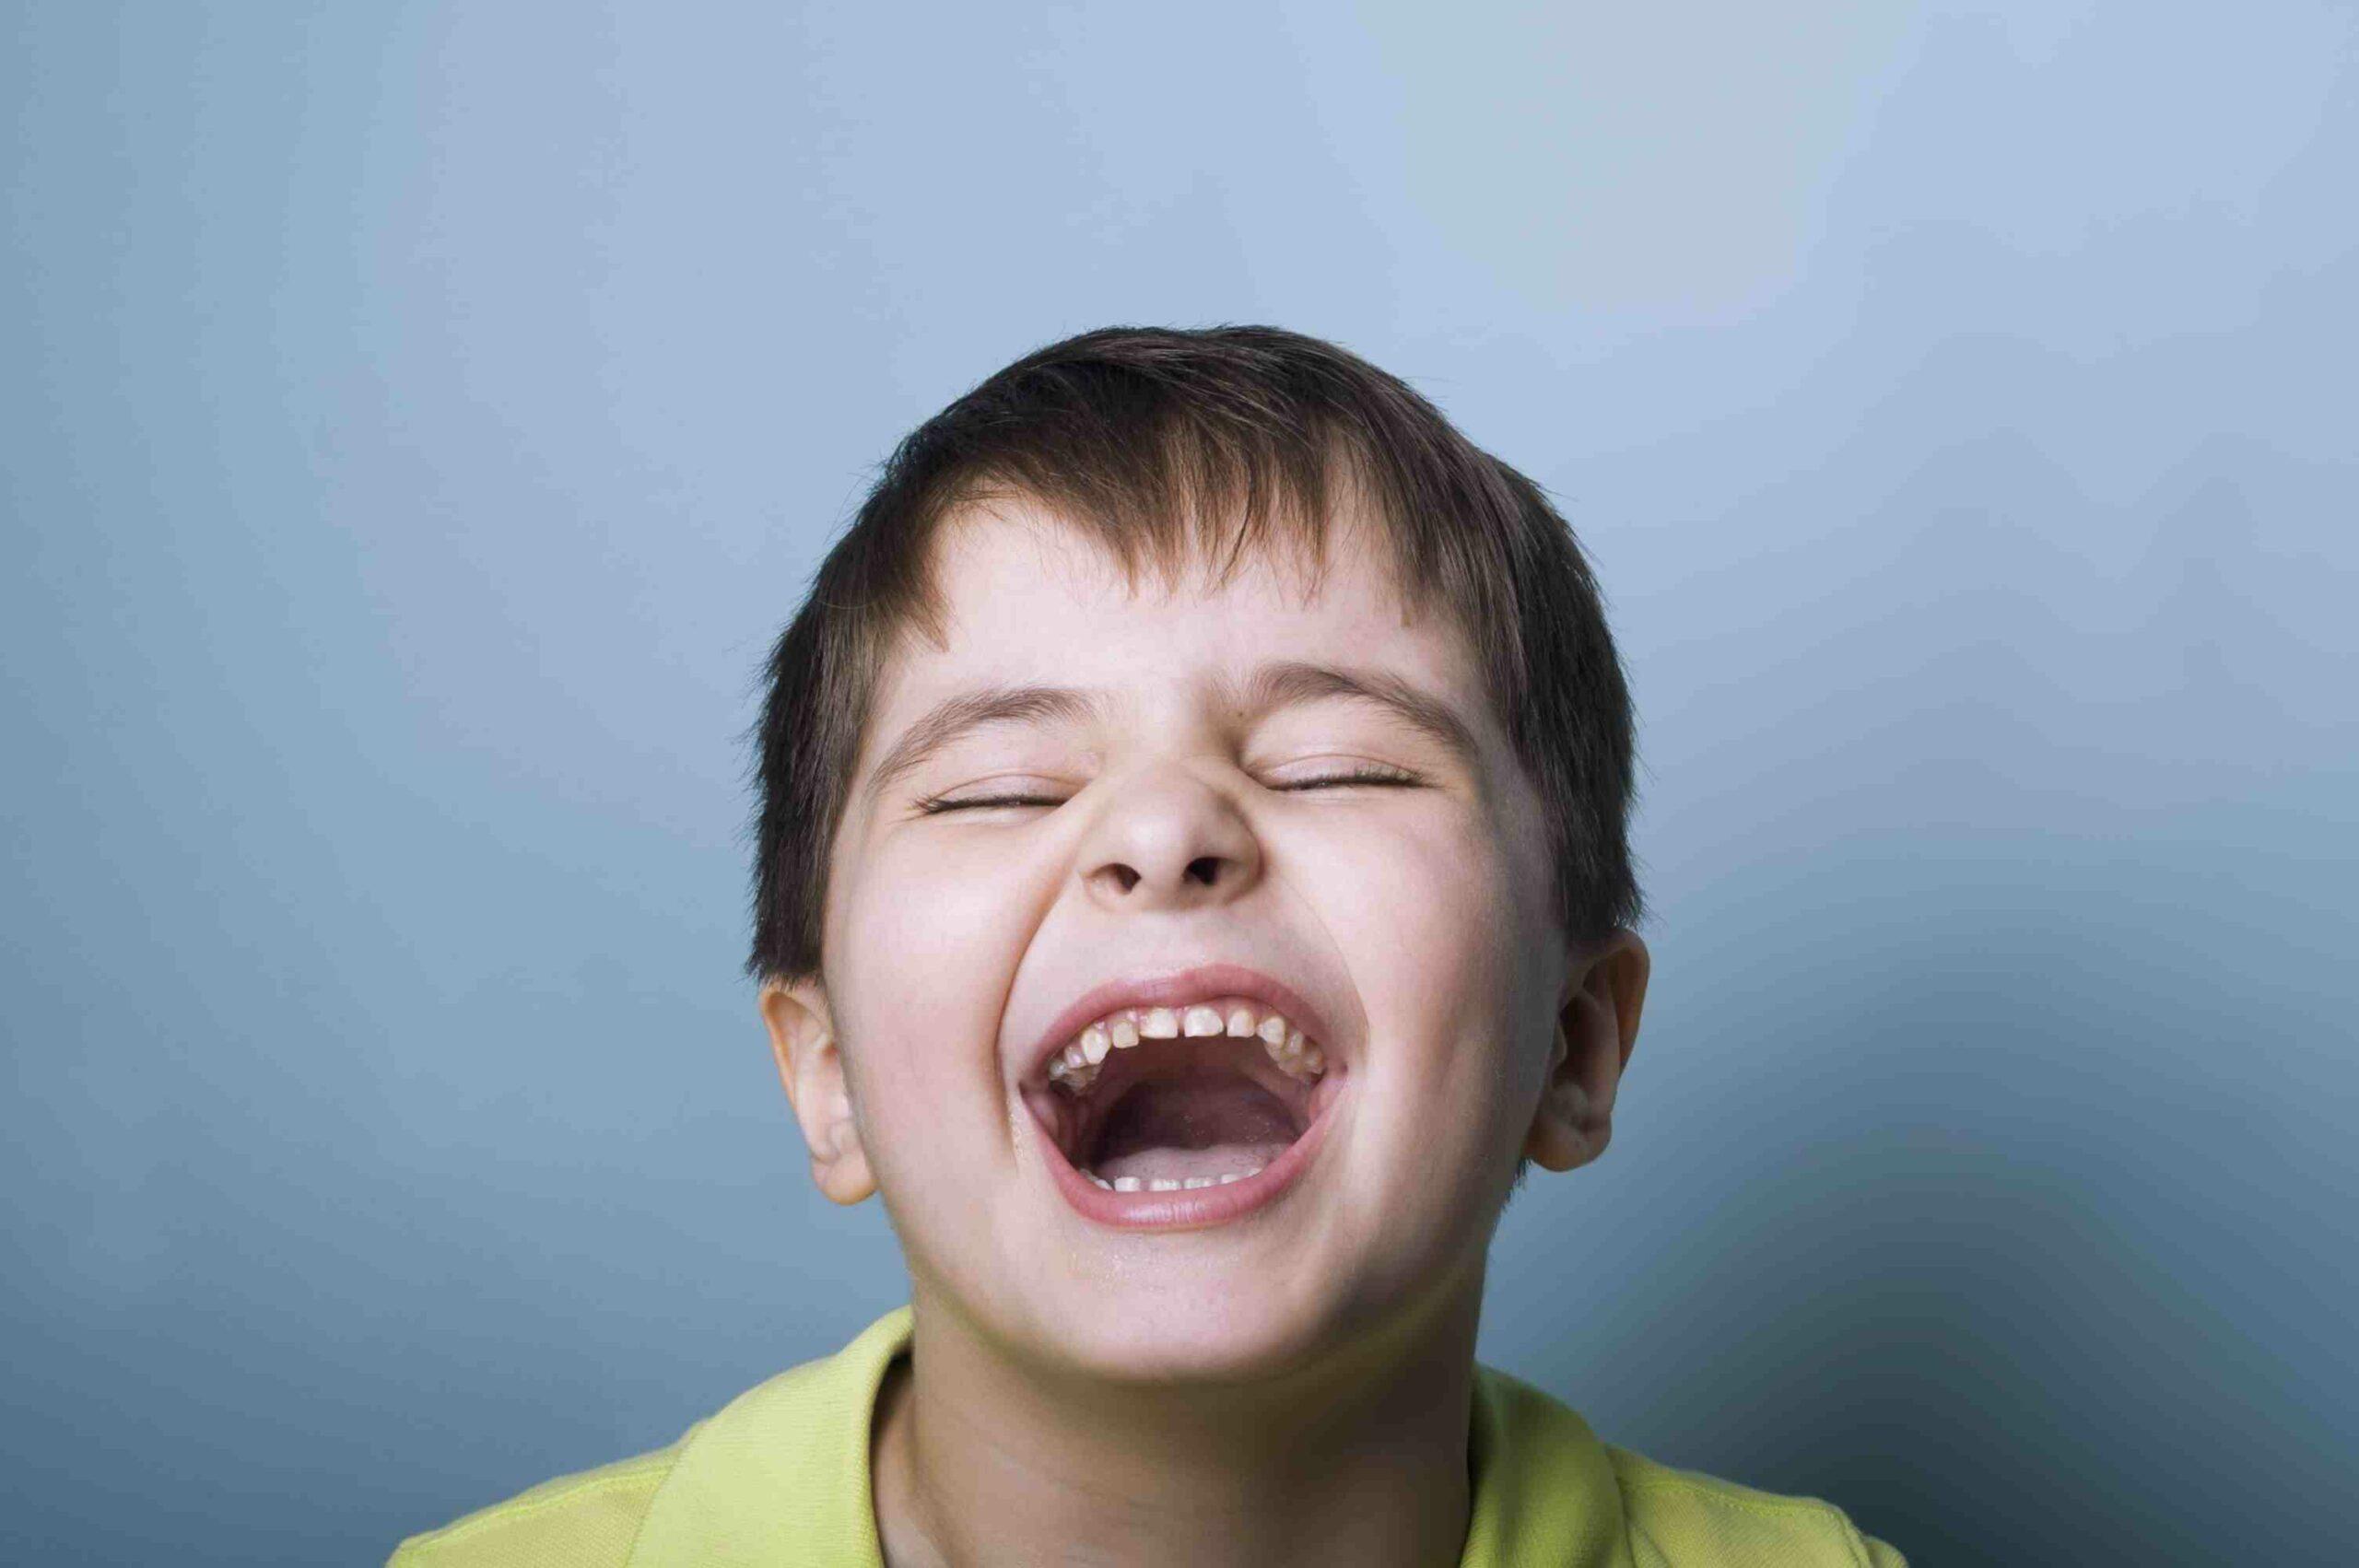 Comment changer sa façon de rire